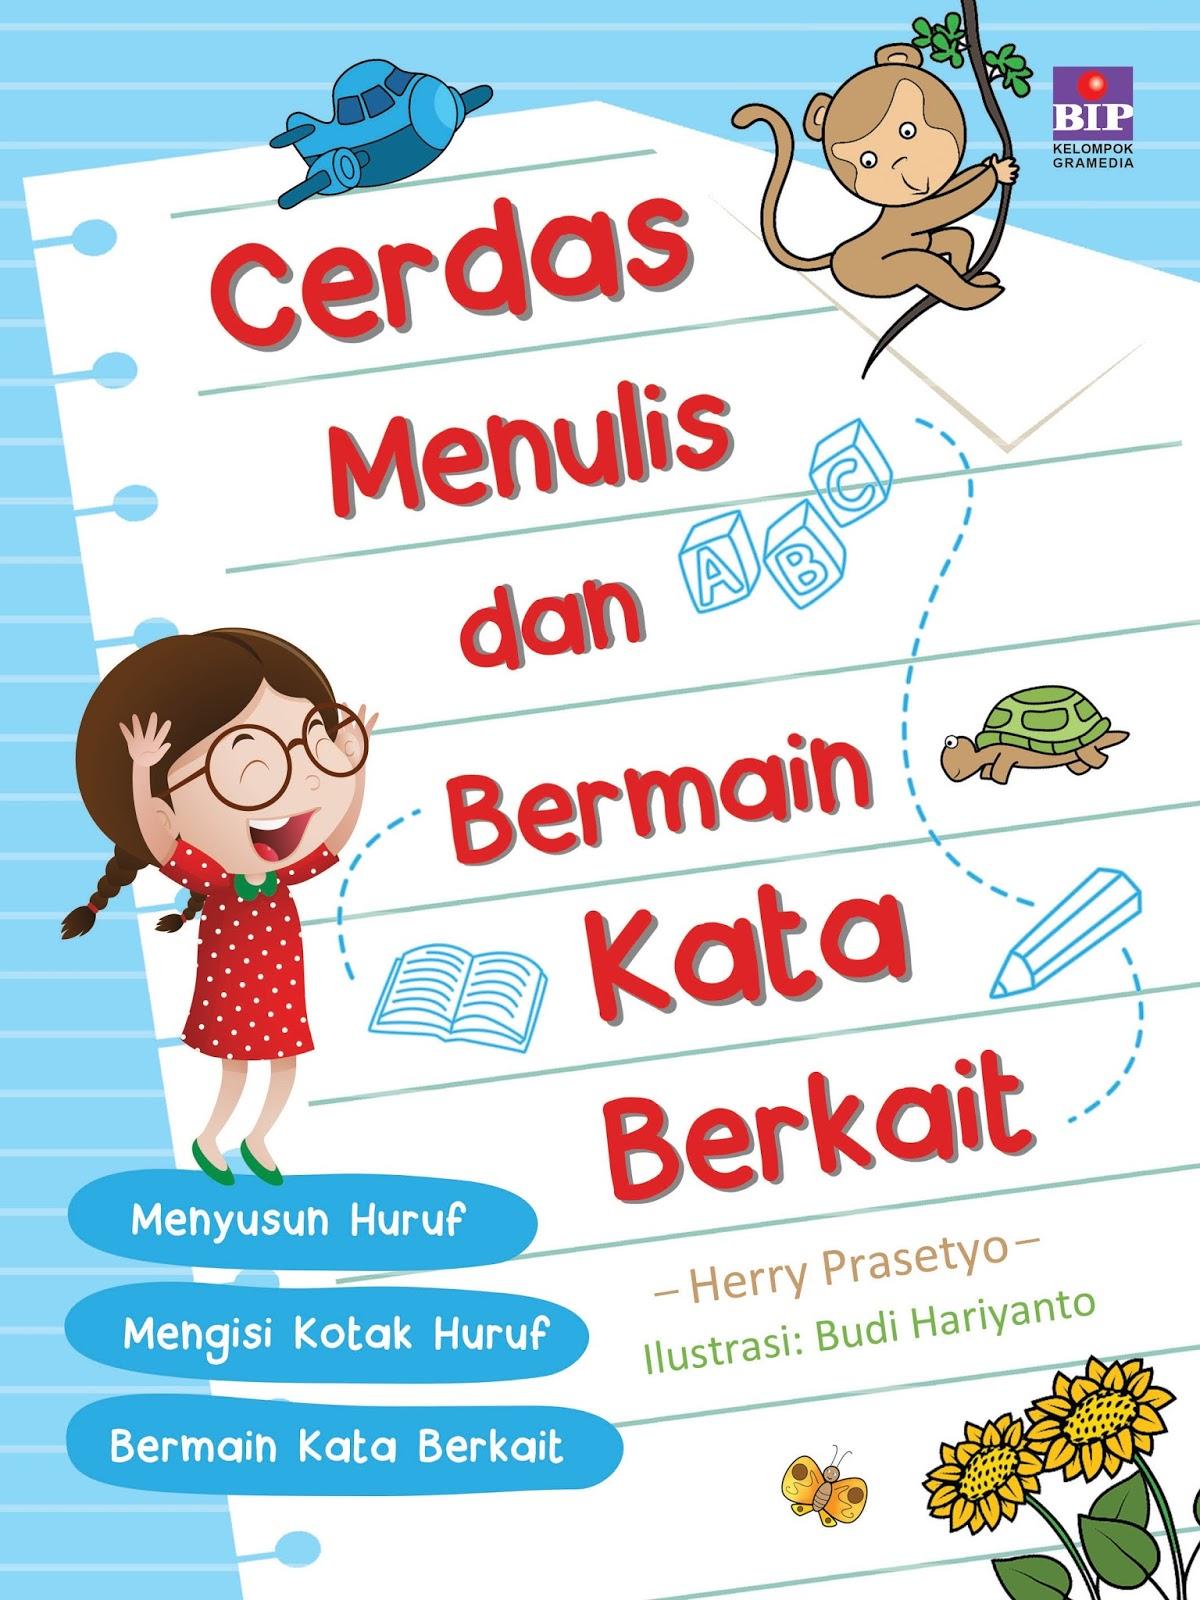 Buku ini dirancang untuk melatih anak pandai menulis dan memilih kata Dilengkapi dengan permainan kata berkait agar anak cepat pintar menulis